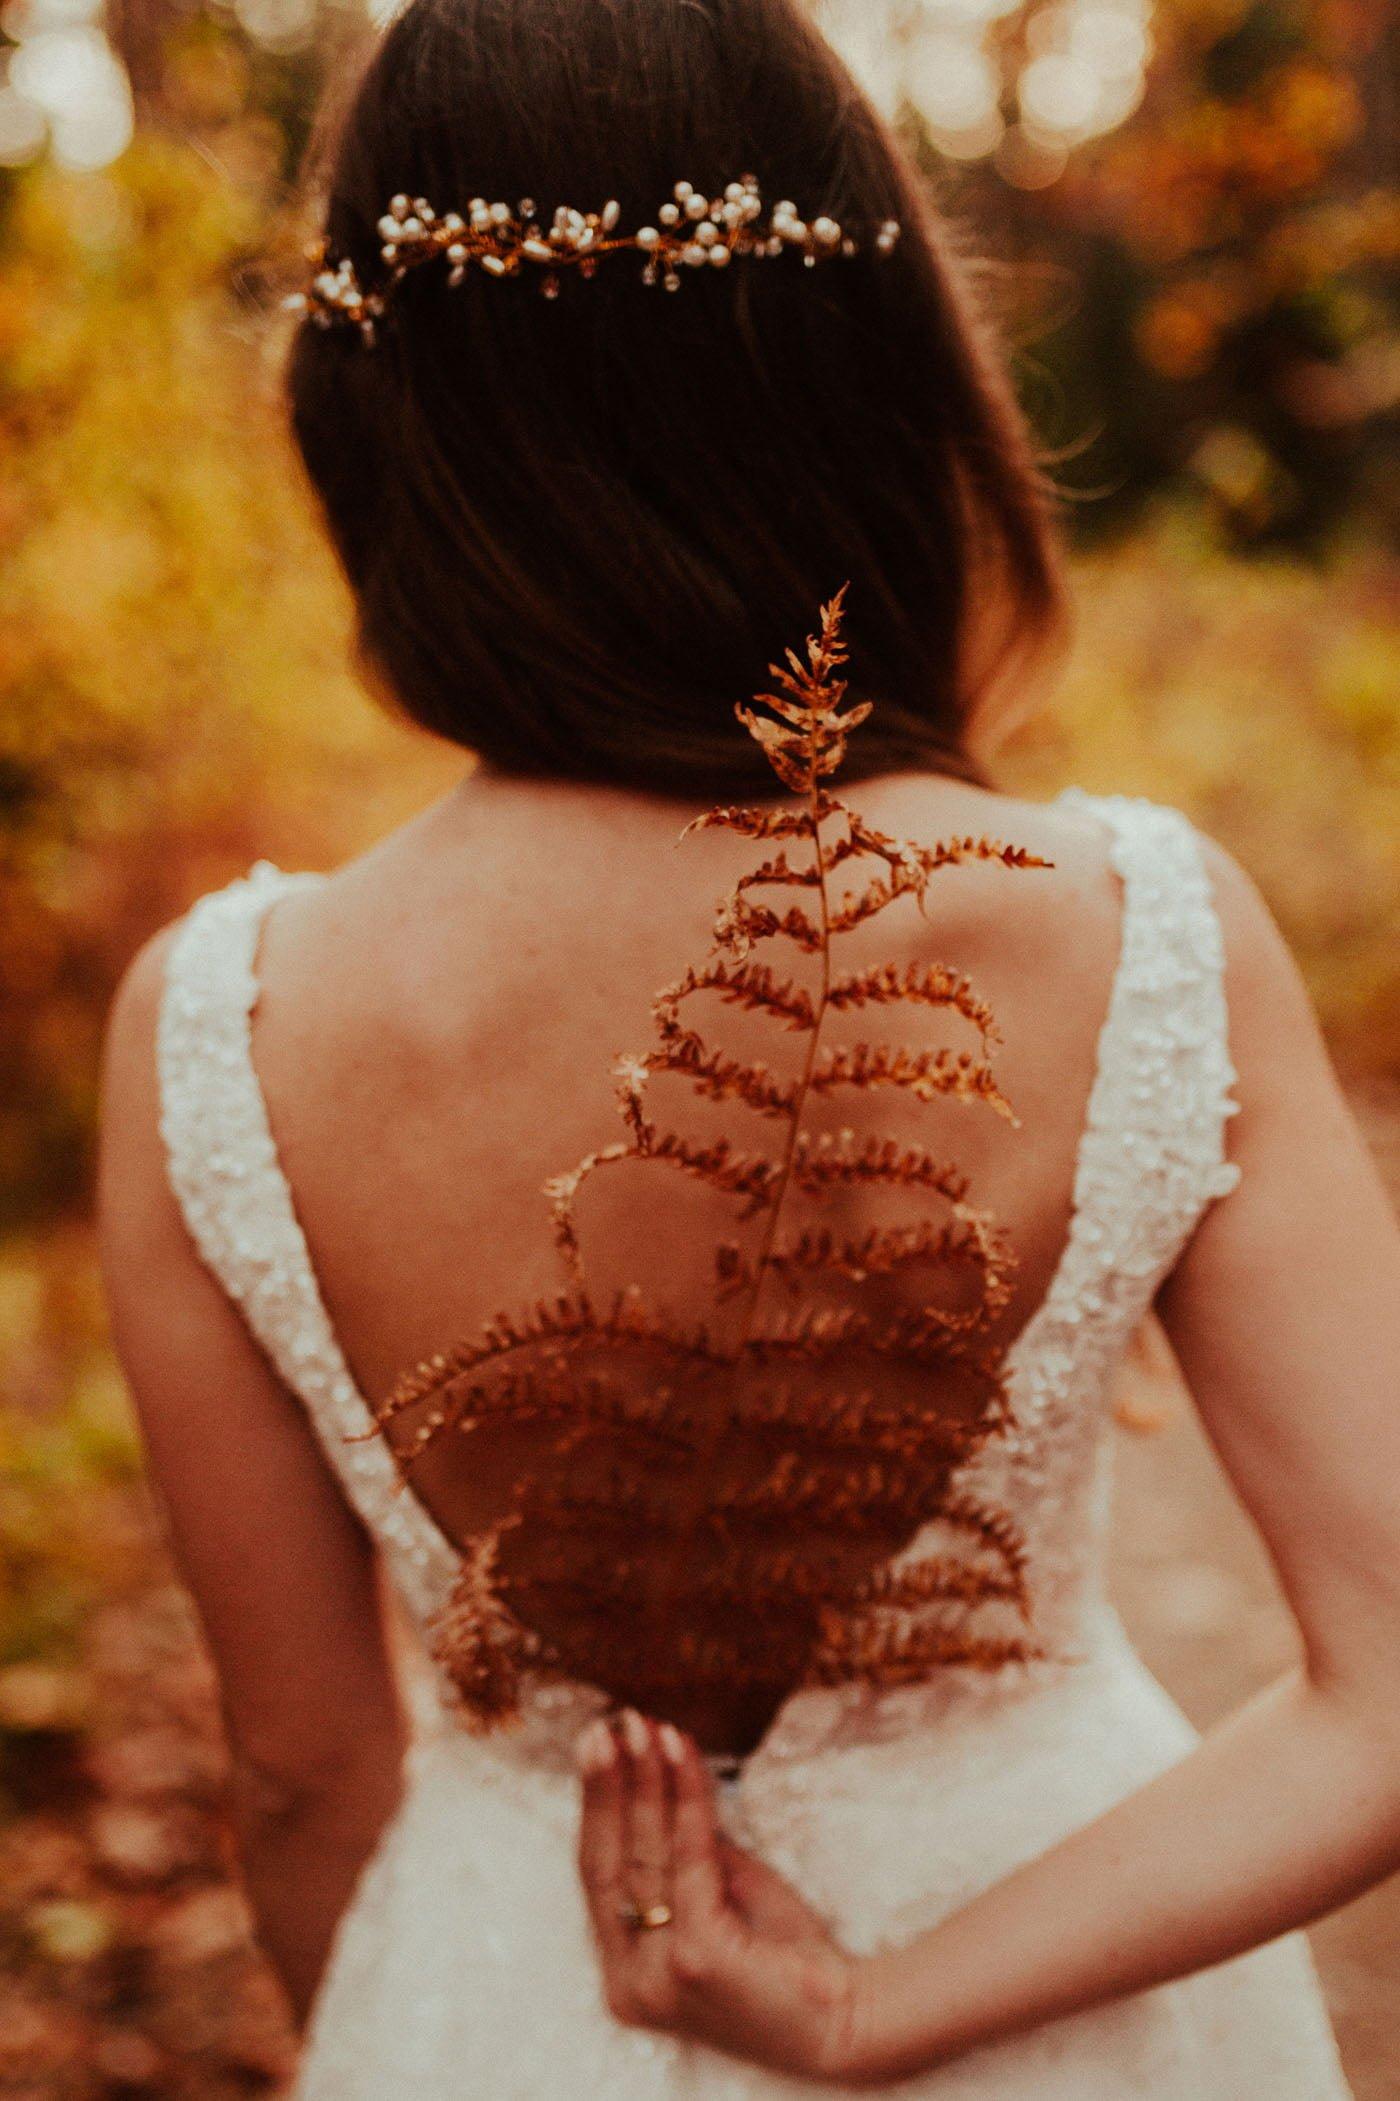 Panna Młoda trzymająca jesienną roślinę w kadrze wykonanym przez Emilię Chrobok - fotografa ślubnego z Tarnowa